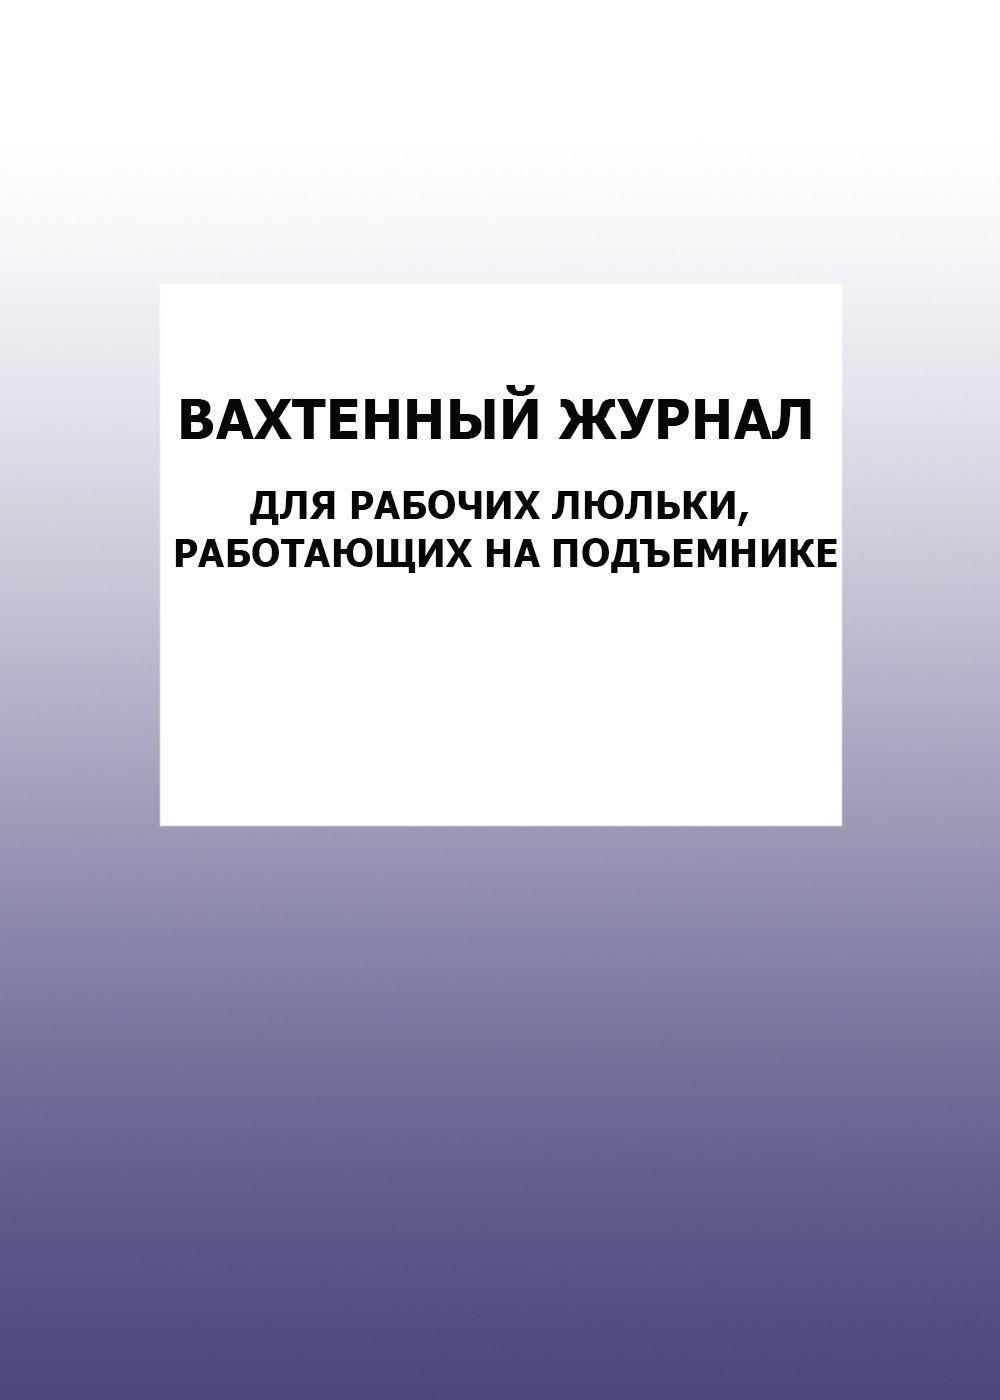 Вахтенный журнал для рабочих люльки, работающих на подъемнике: упаковка 100 шт.